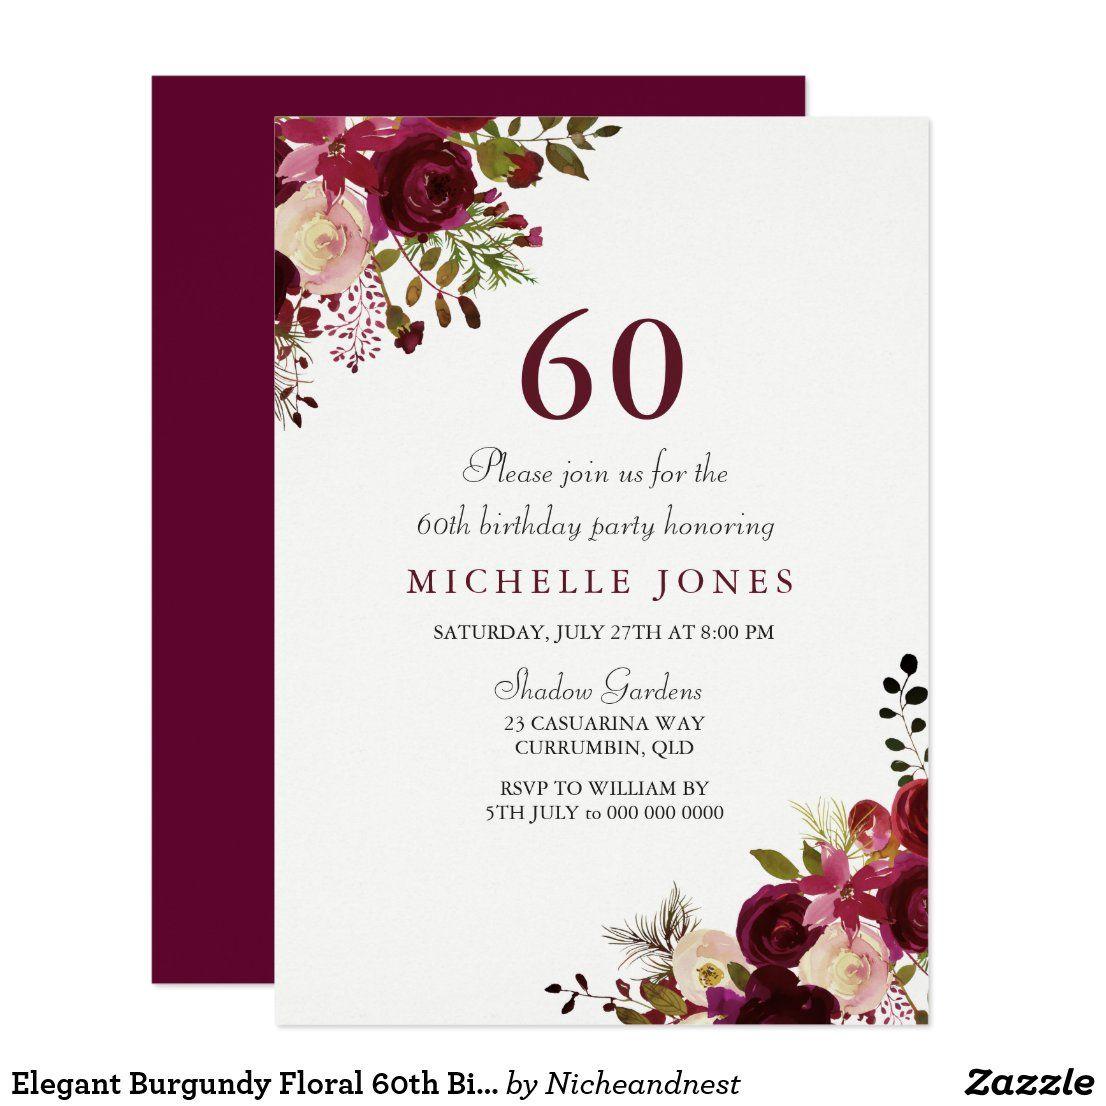 Elegant Burgundy Floral 60th Birthday Invitation Zazzle Com 60th Birthday Invitations 21st Birthday Invitations 50th Birthday Invitations